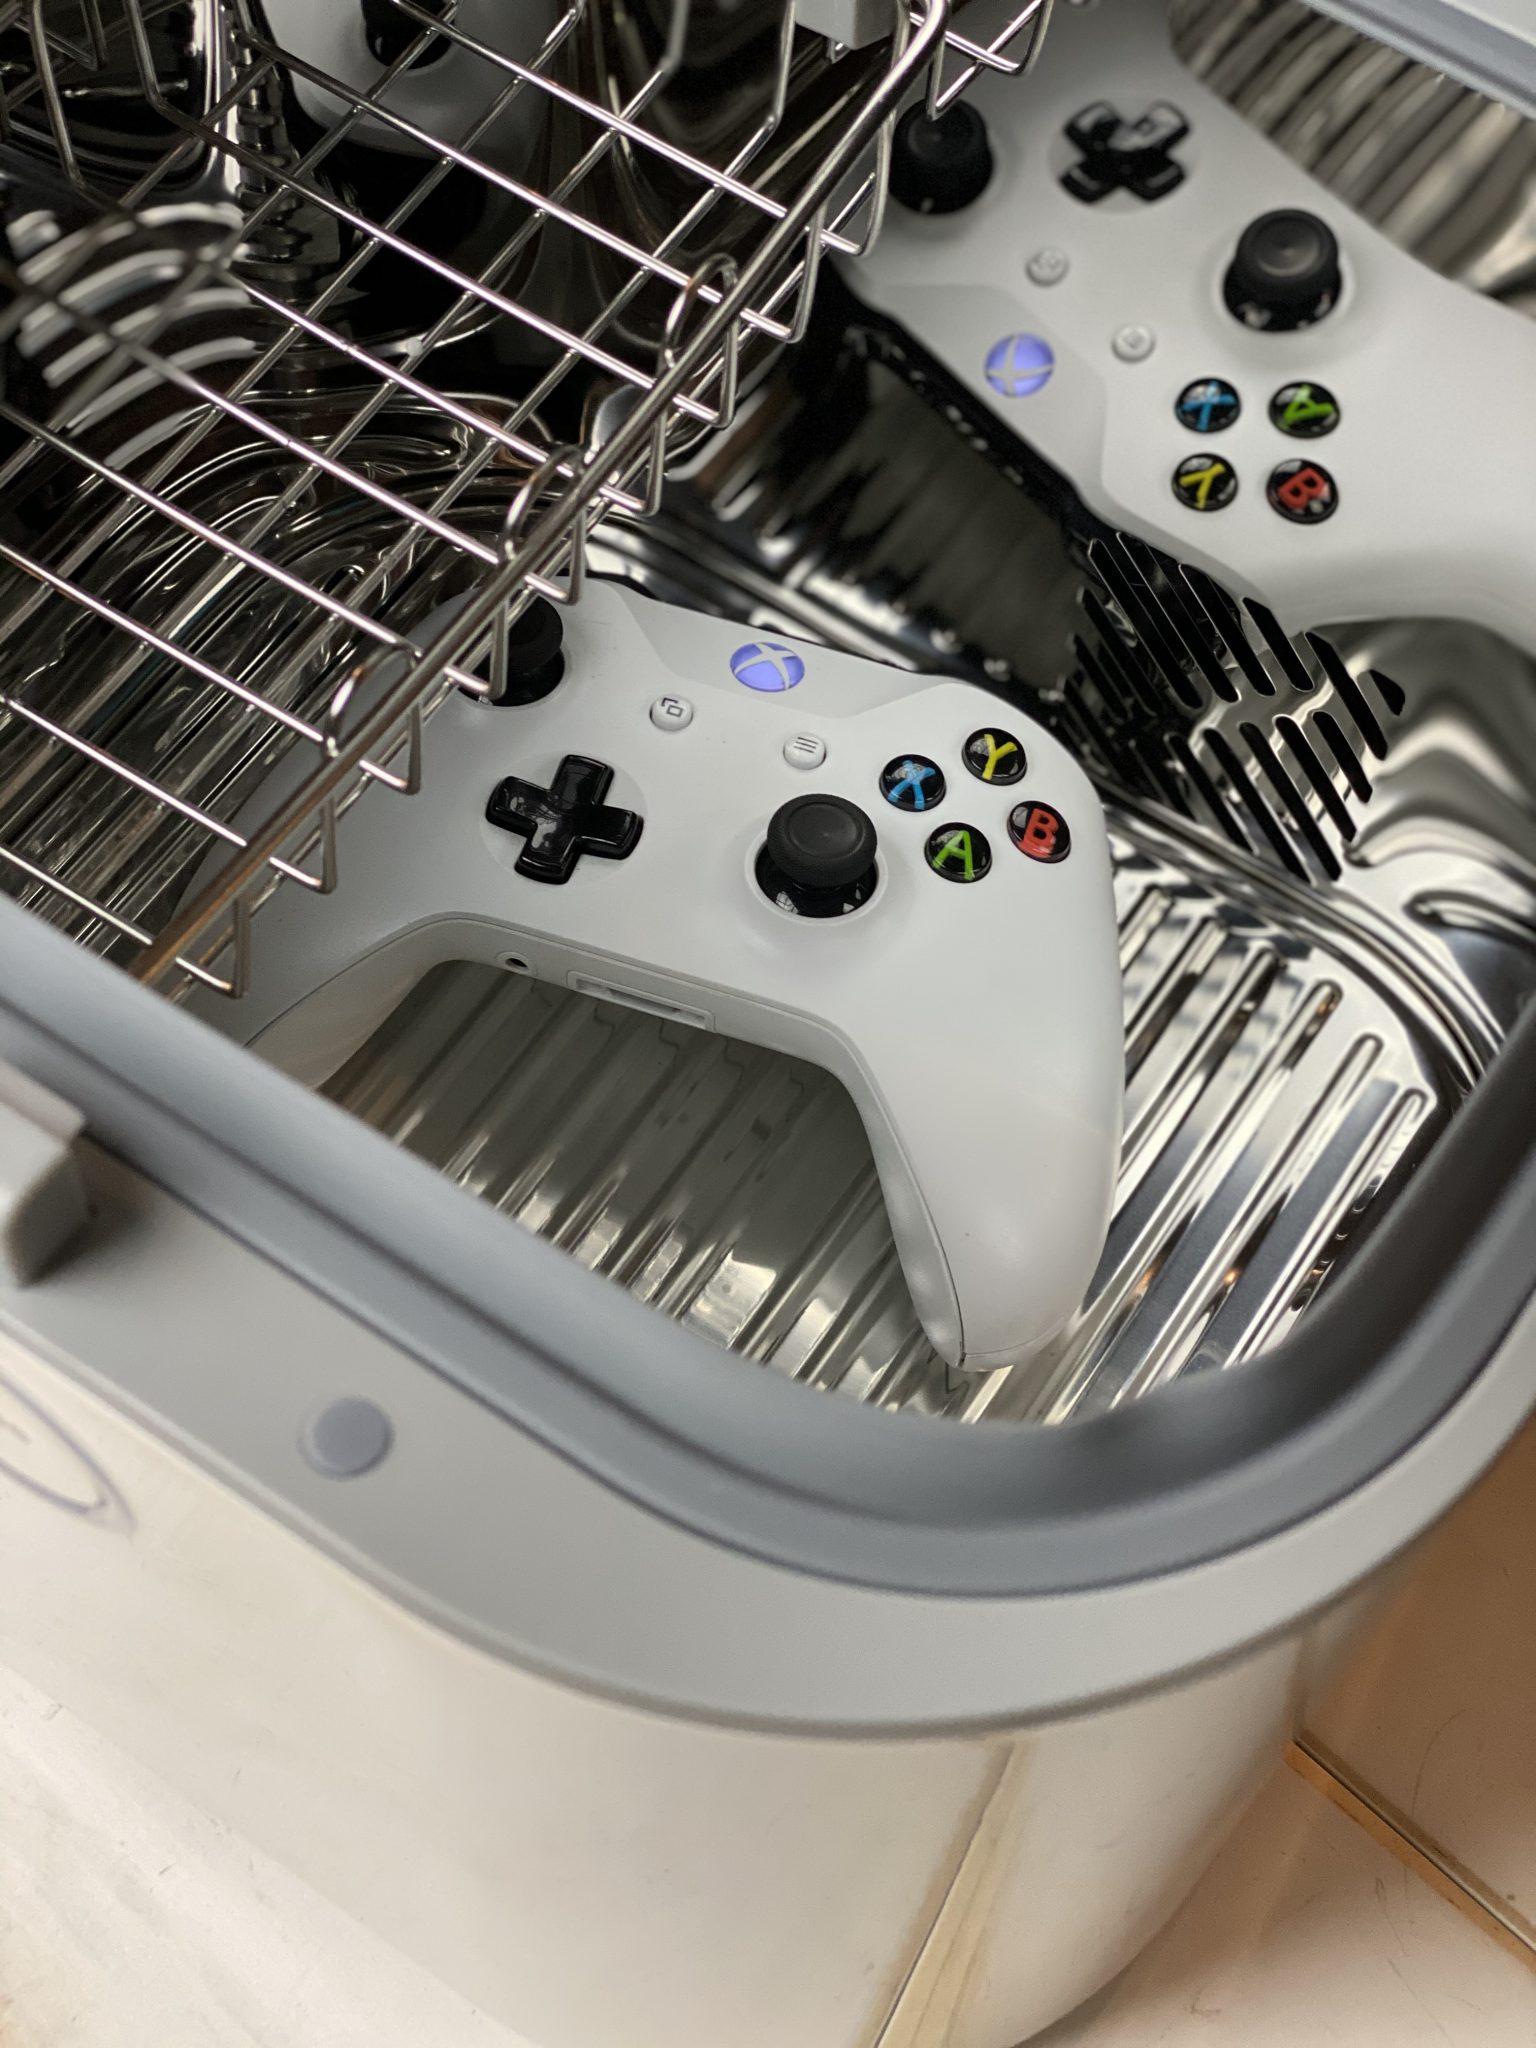 sanitize gamer remotes